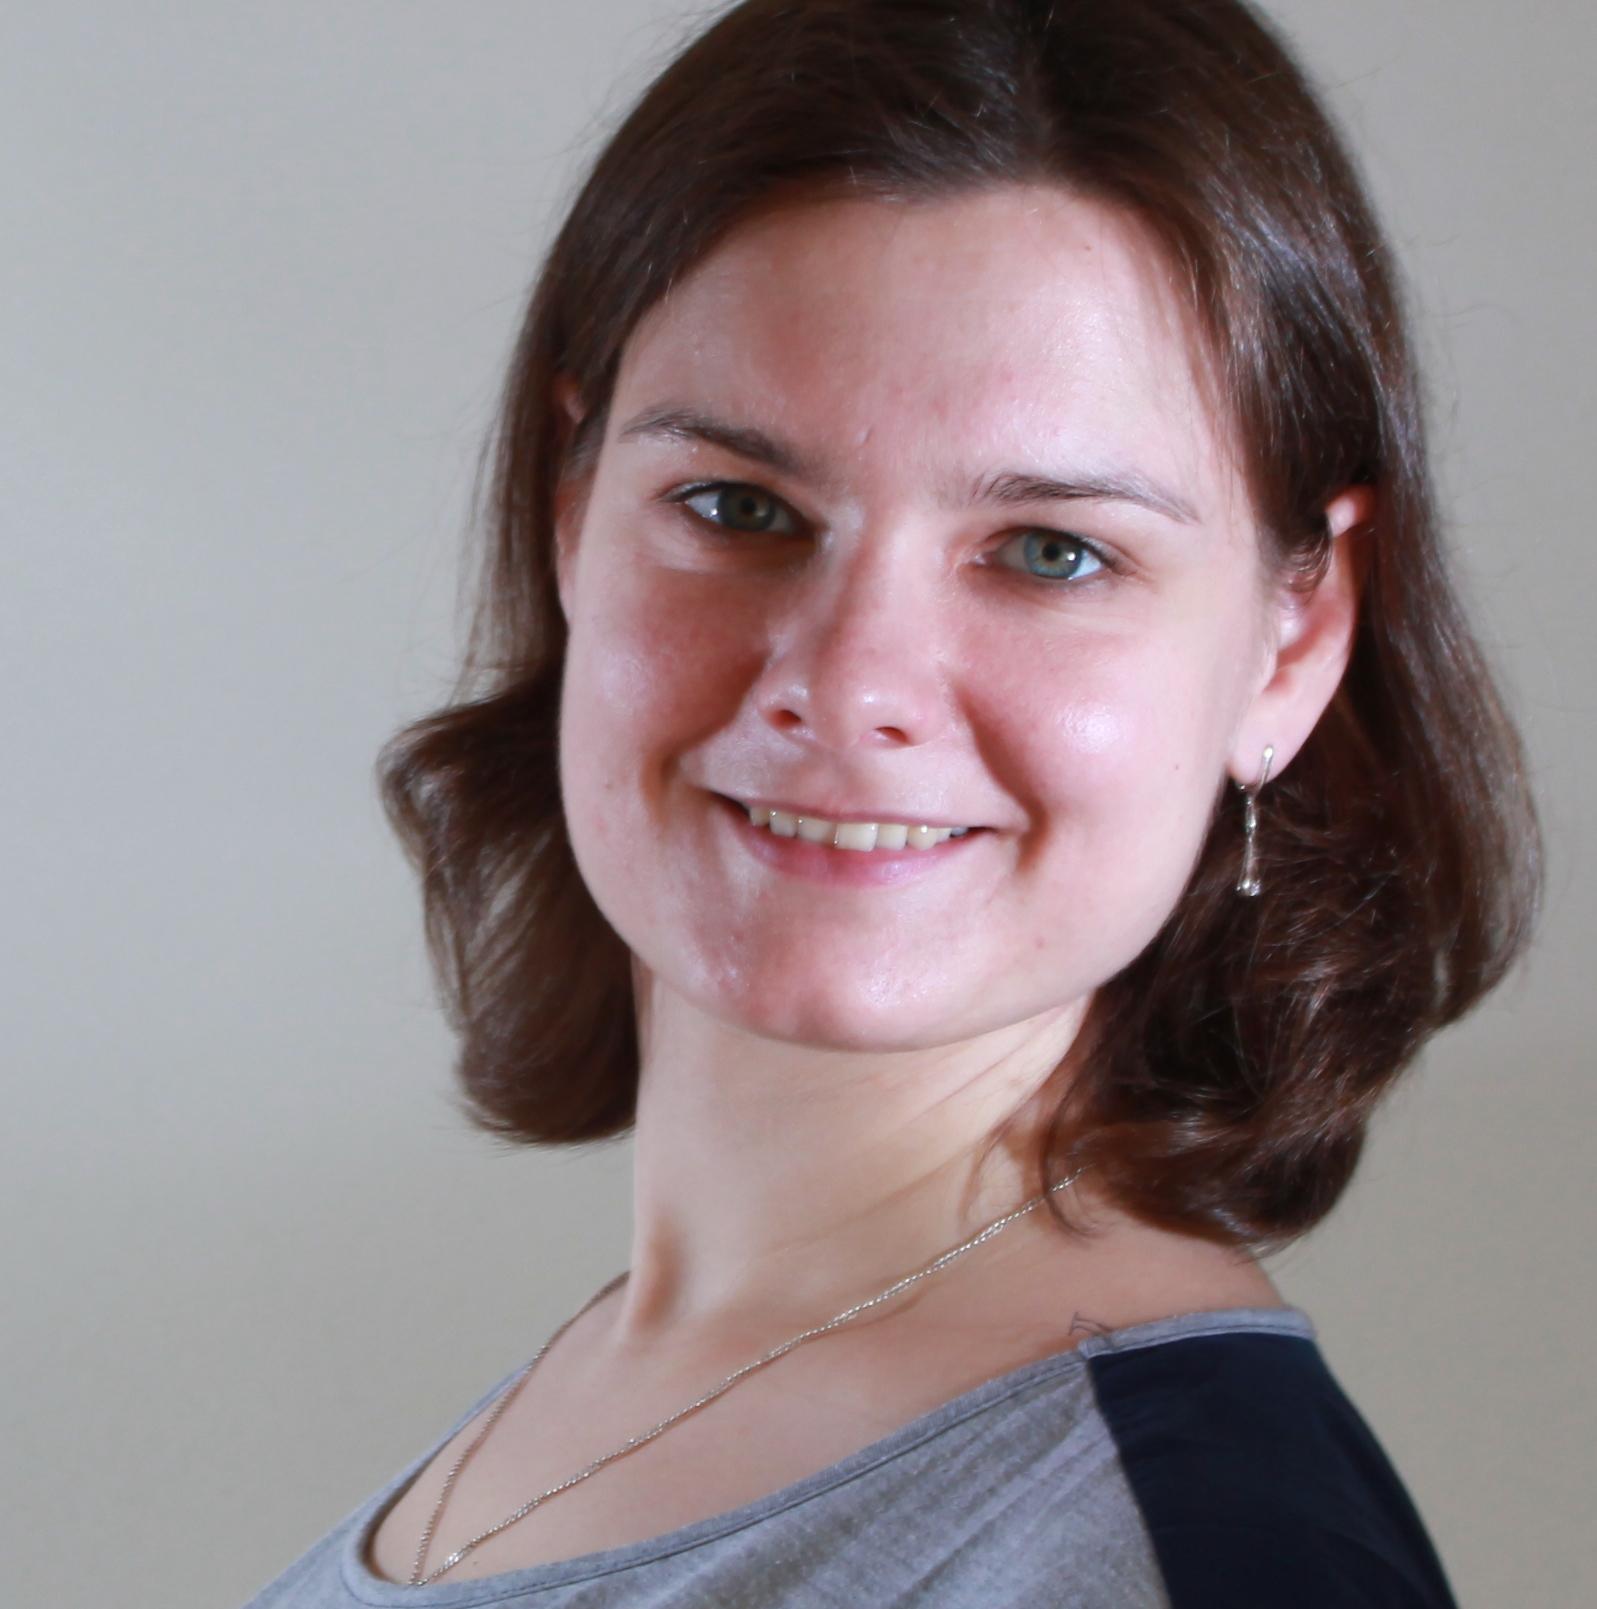 Ksenia Guseva